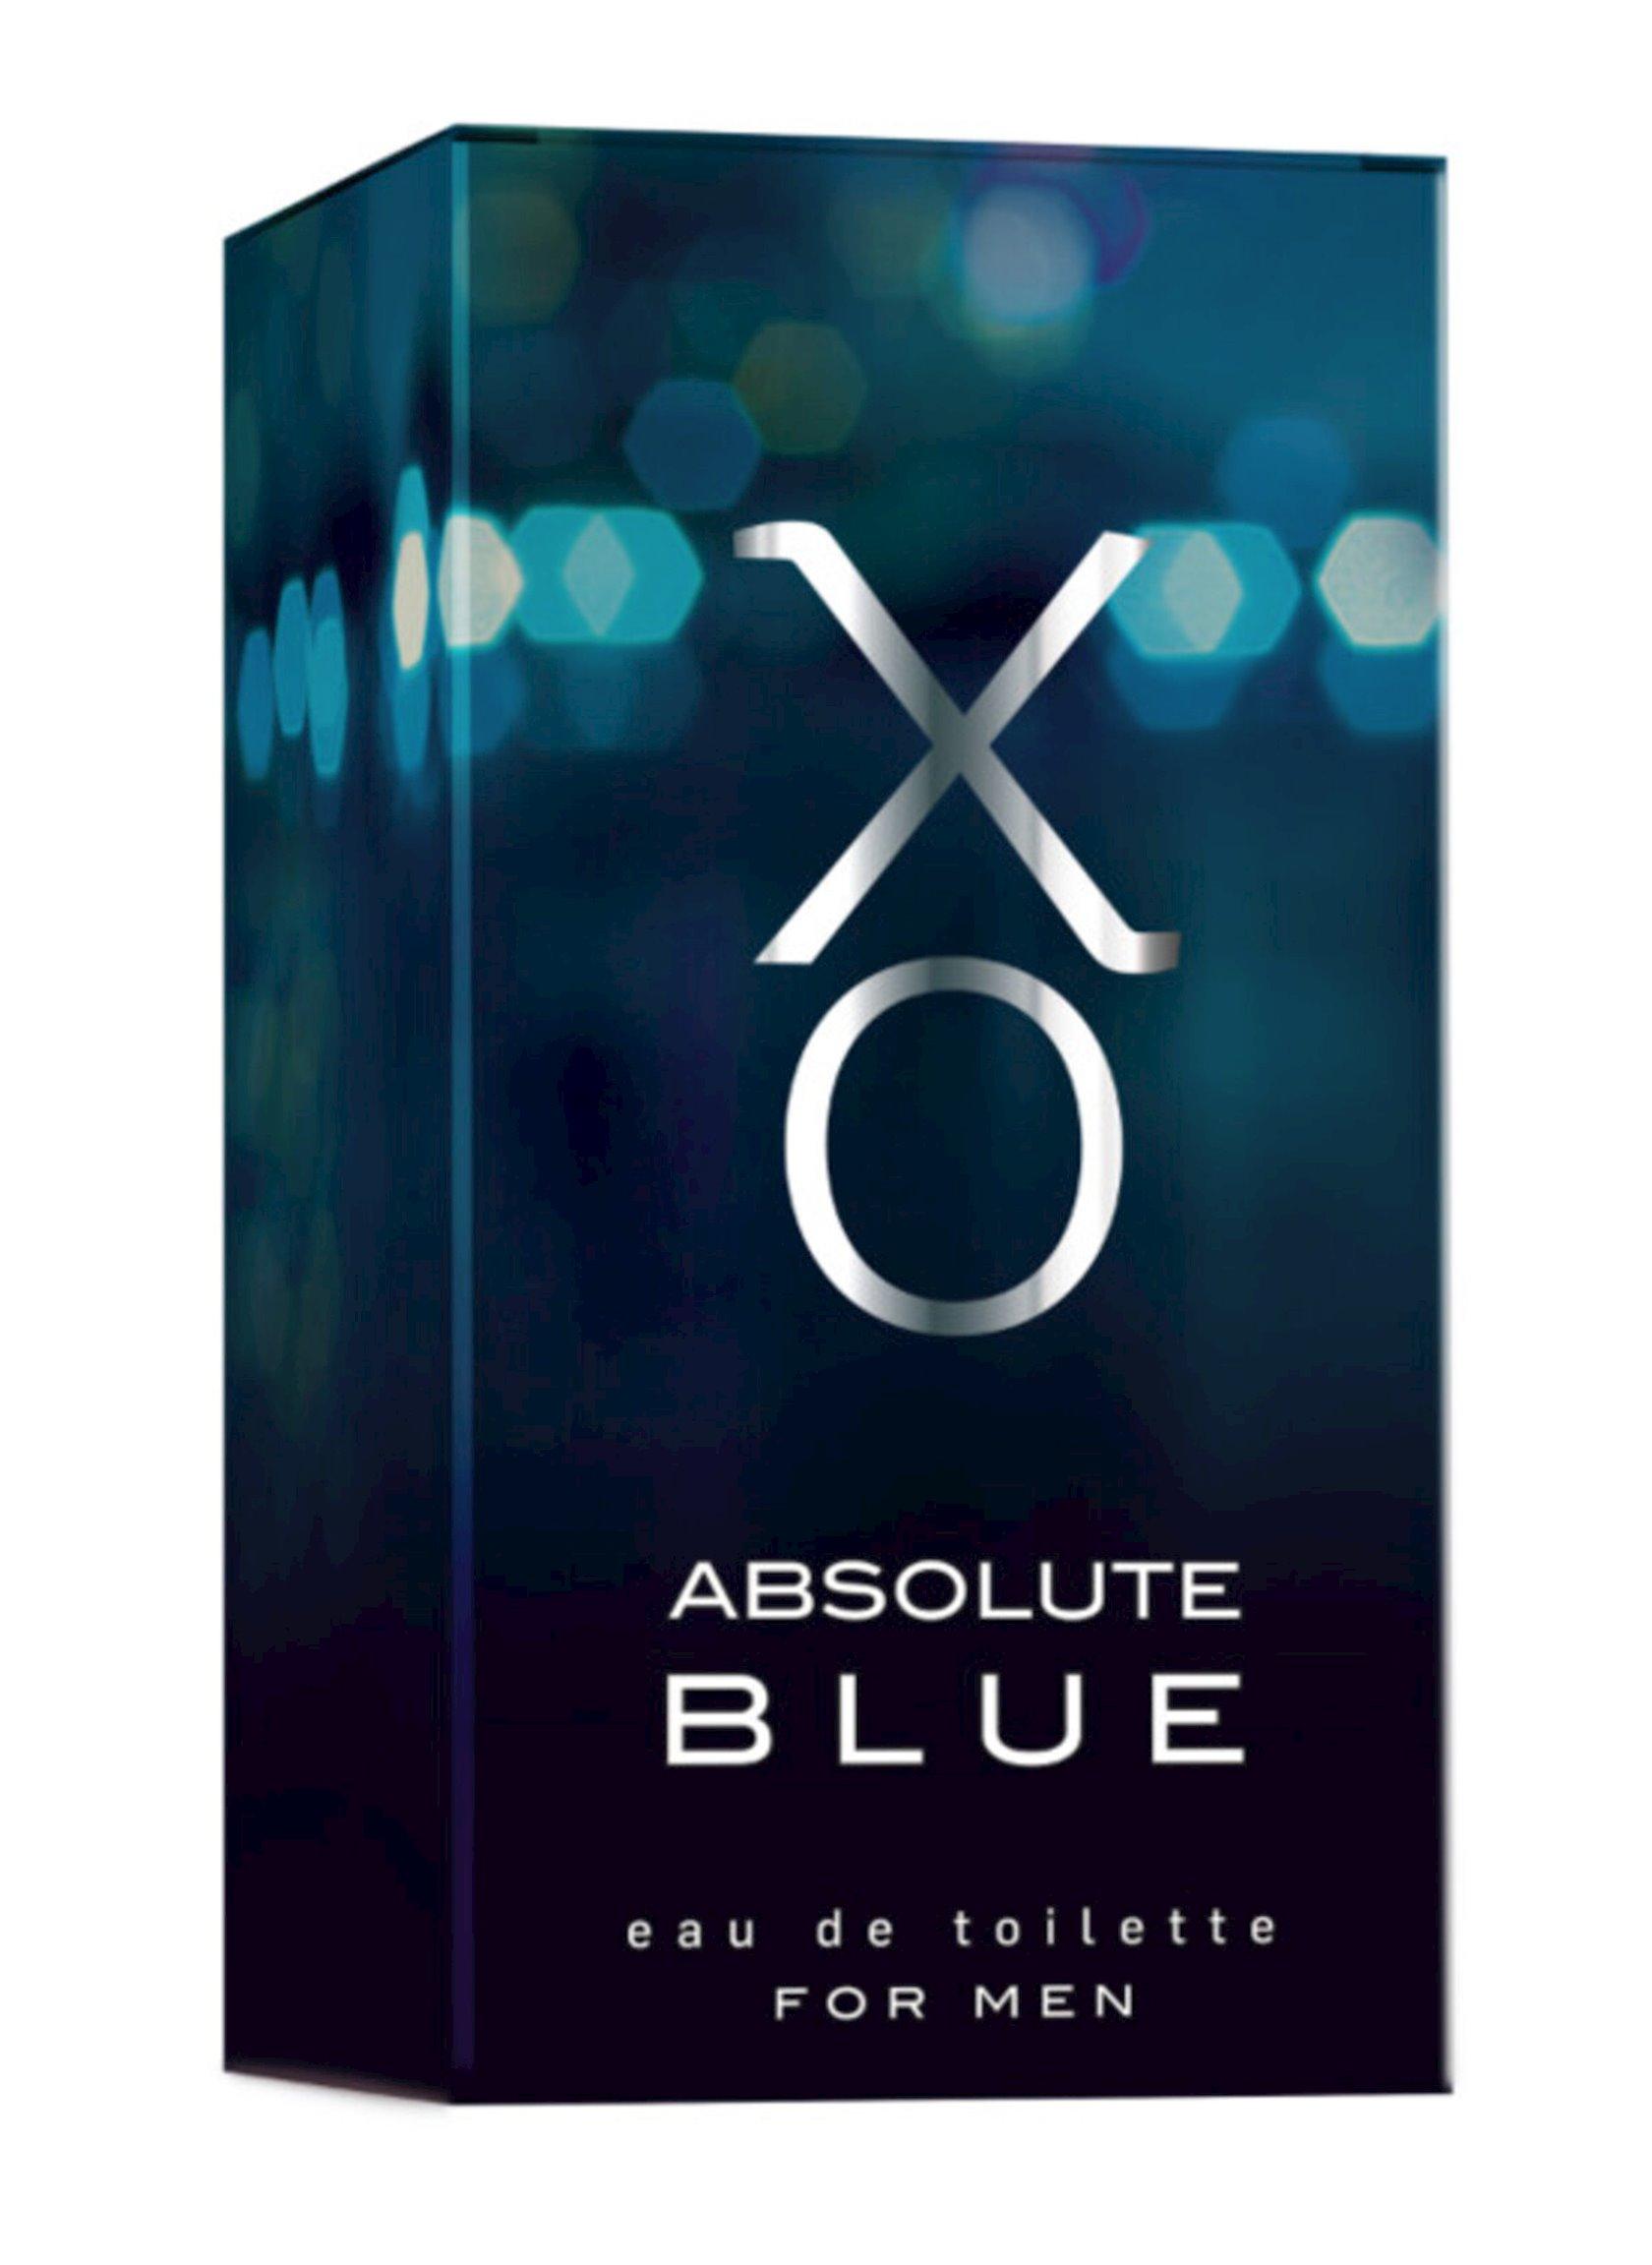 Tualet suyu kişilər üçün Xo Absolute Blue, 100 ml